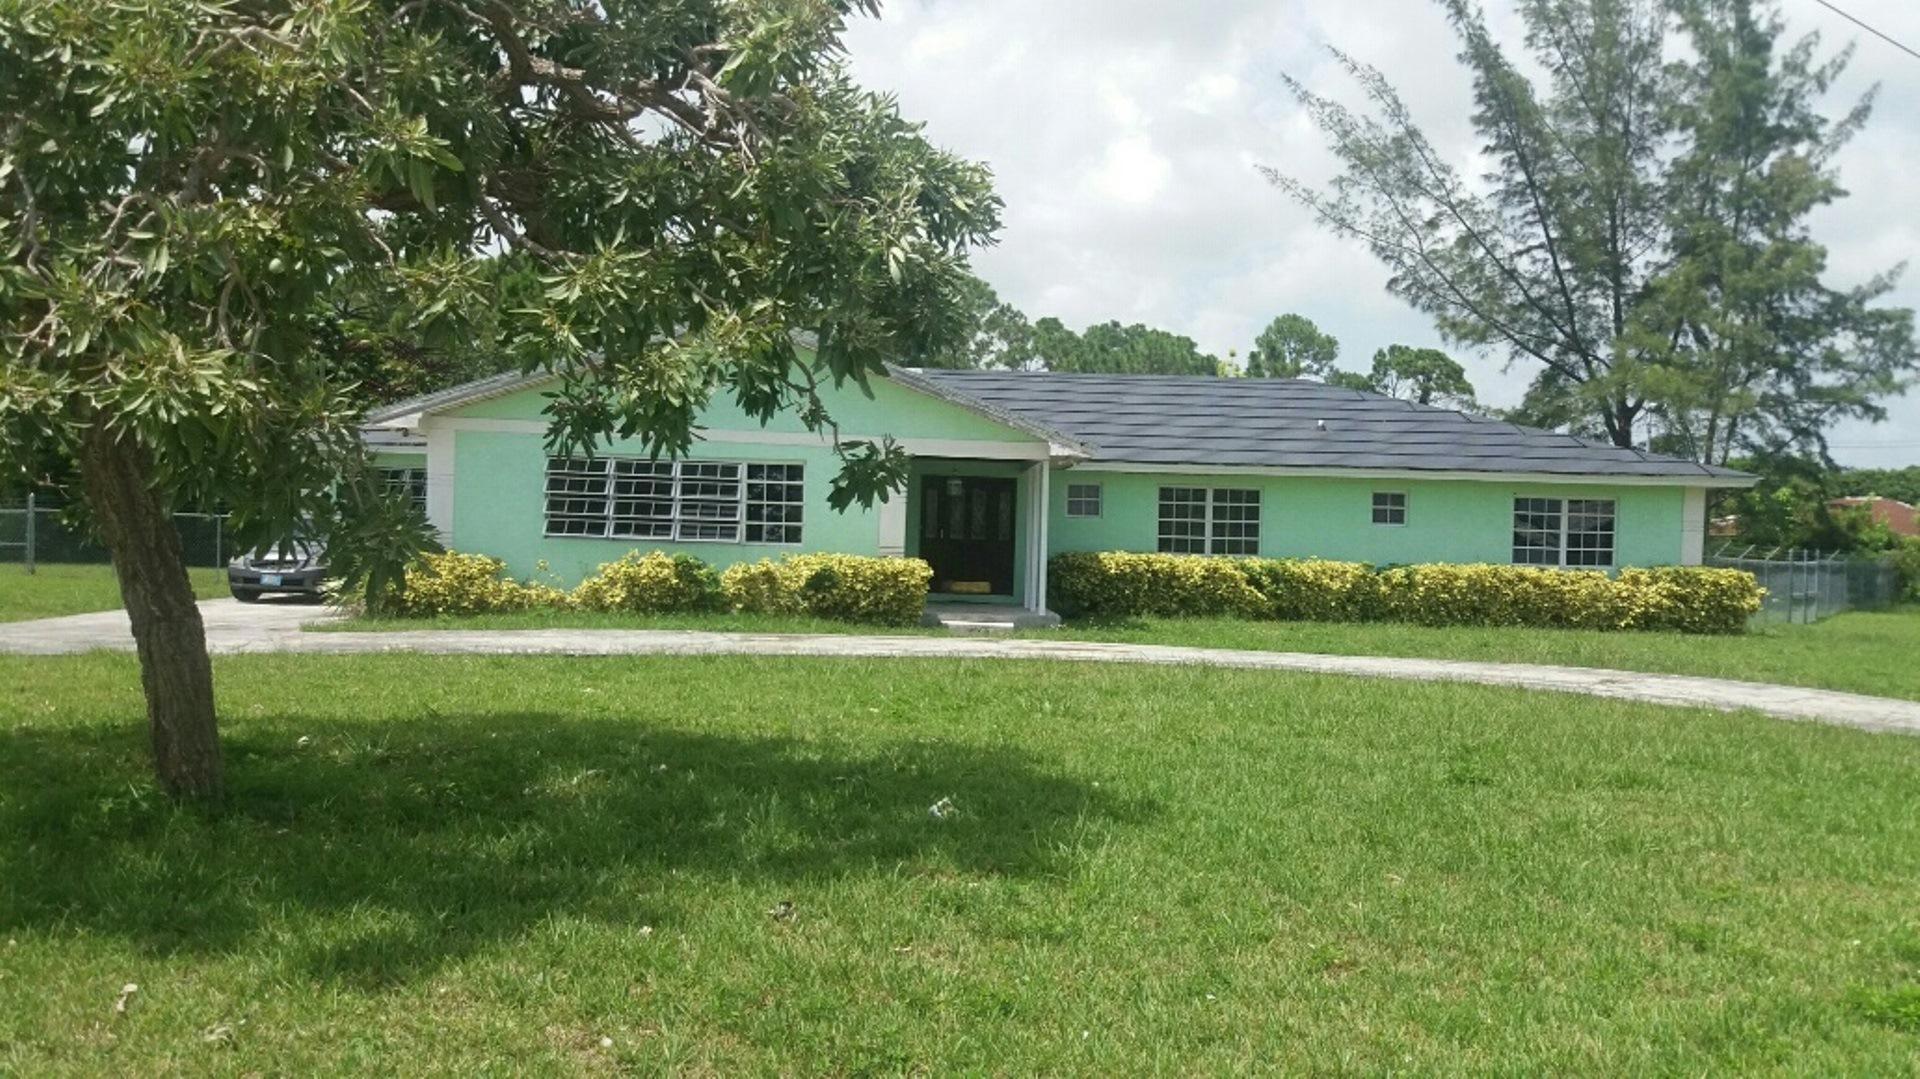 Single Family Home for Sale at Beautiful Home In Royal Bahamian Estates - MLS 27793 Royal Bahamian Estates, Grand Bahama, Bahamas